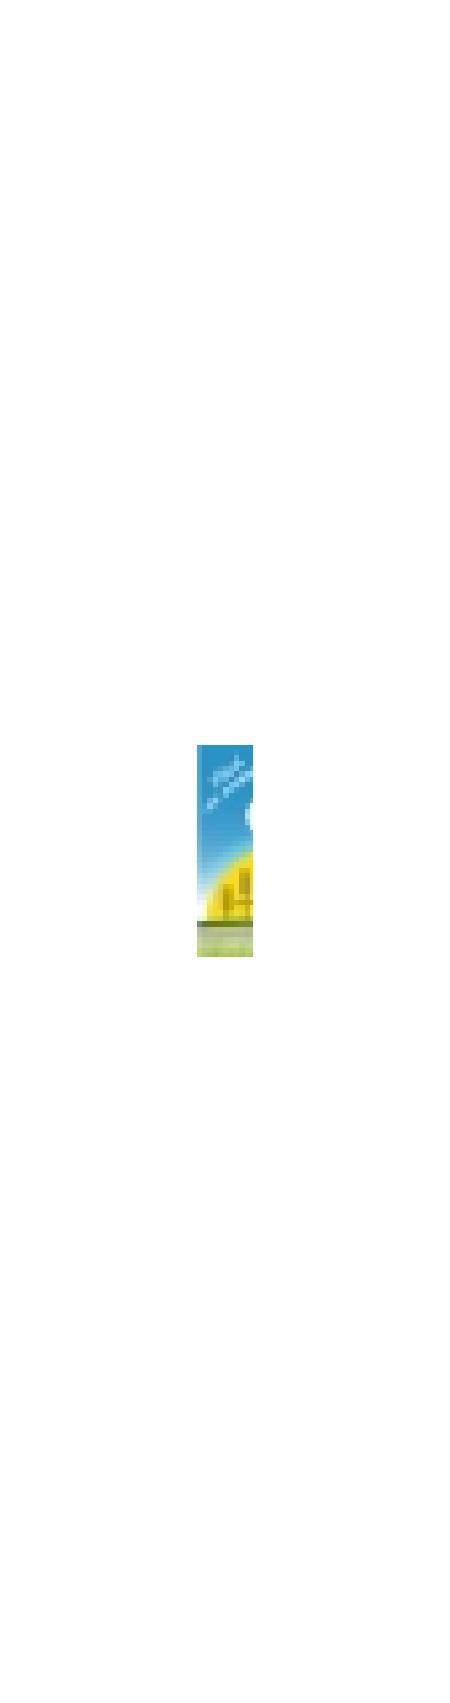 JR FARM 12770 Лакомство д/грызунов Морковка на подвеске 60г, 36528